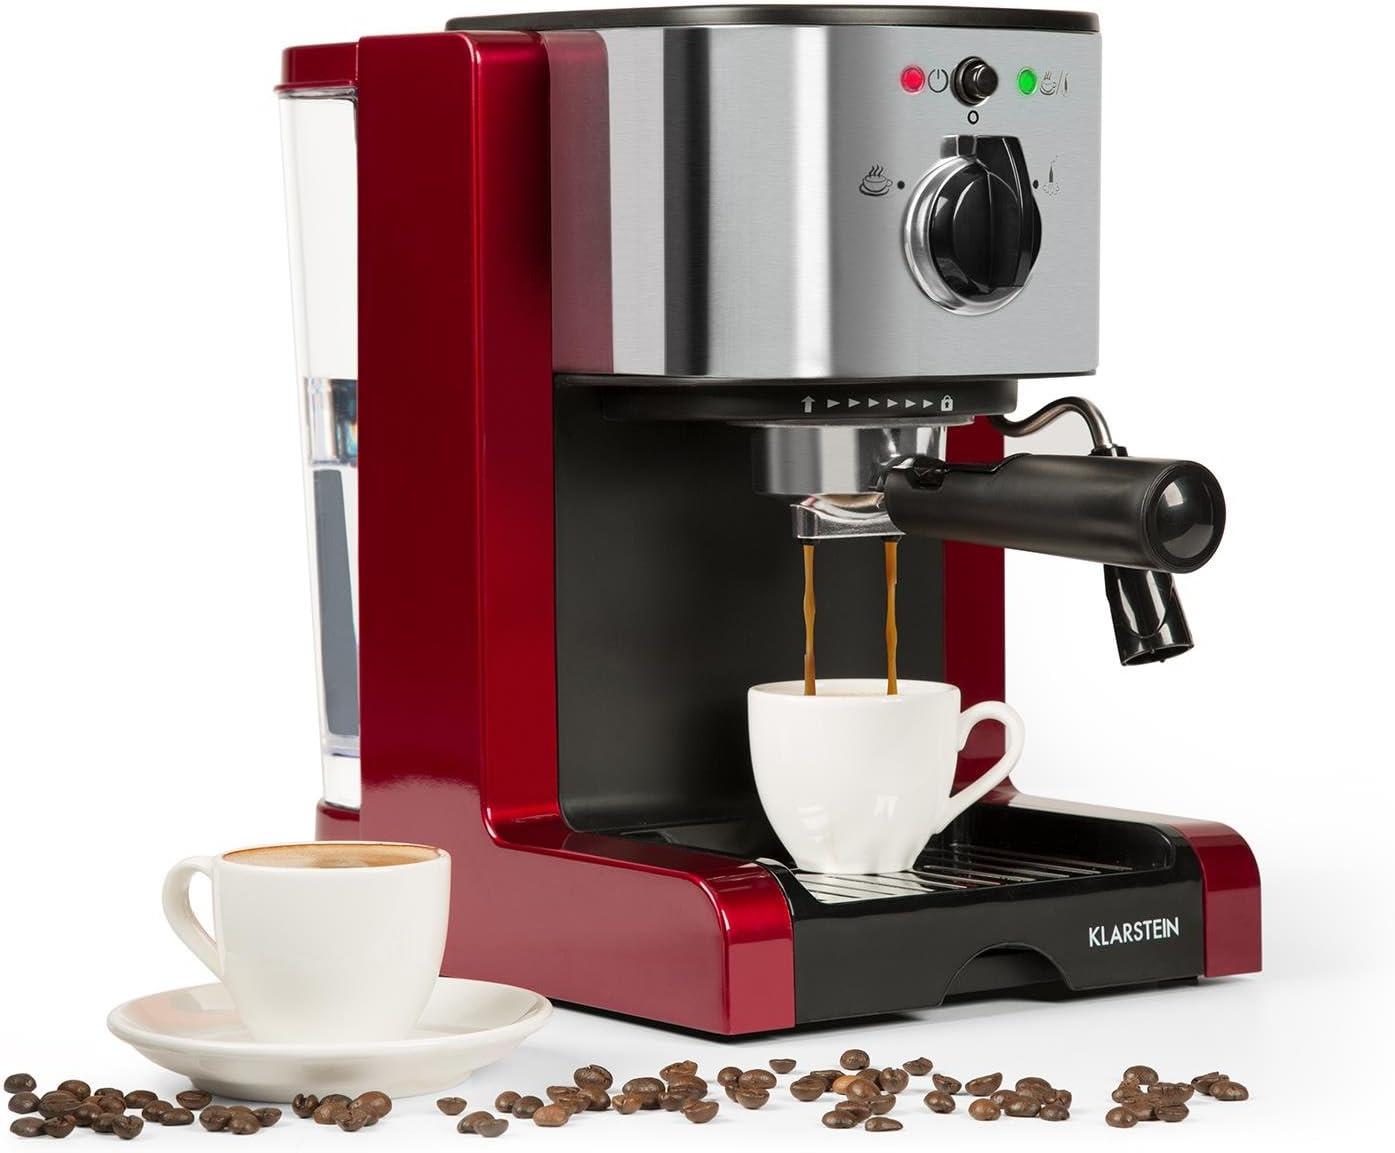 Klarstein Passionata Rossa 15 - Máquina de espresso, Cafetera automática, Espumadora, 1470W, 1,25L de capacidad (6 Tazas), Descarga de presión automática, Incluye boquilla de vapor, Rojo